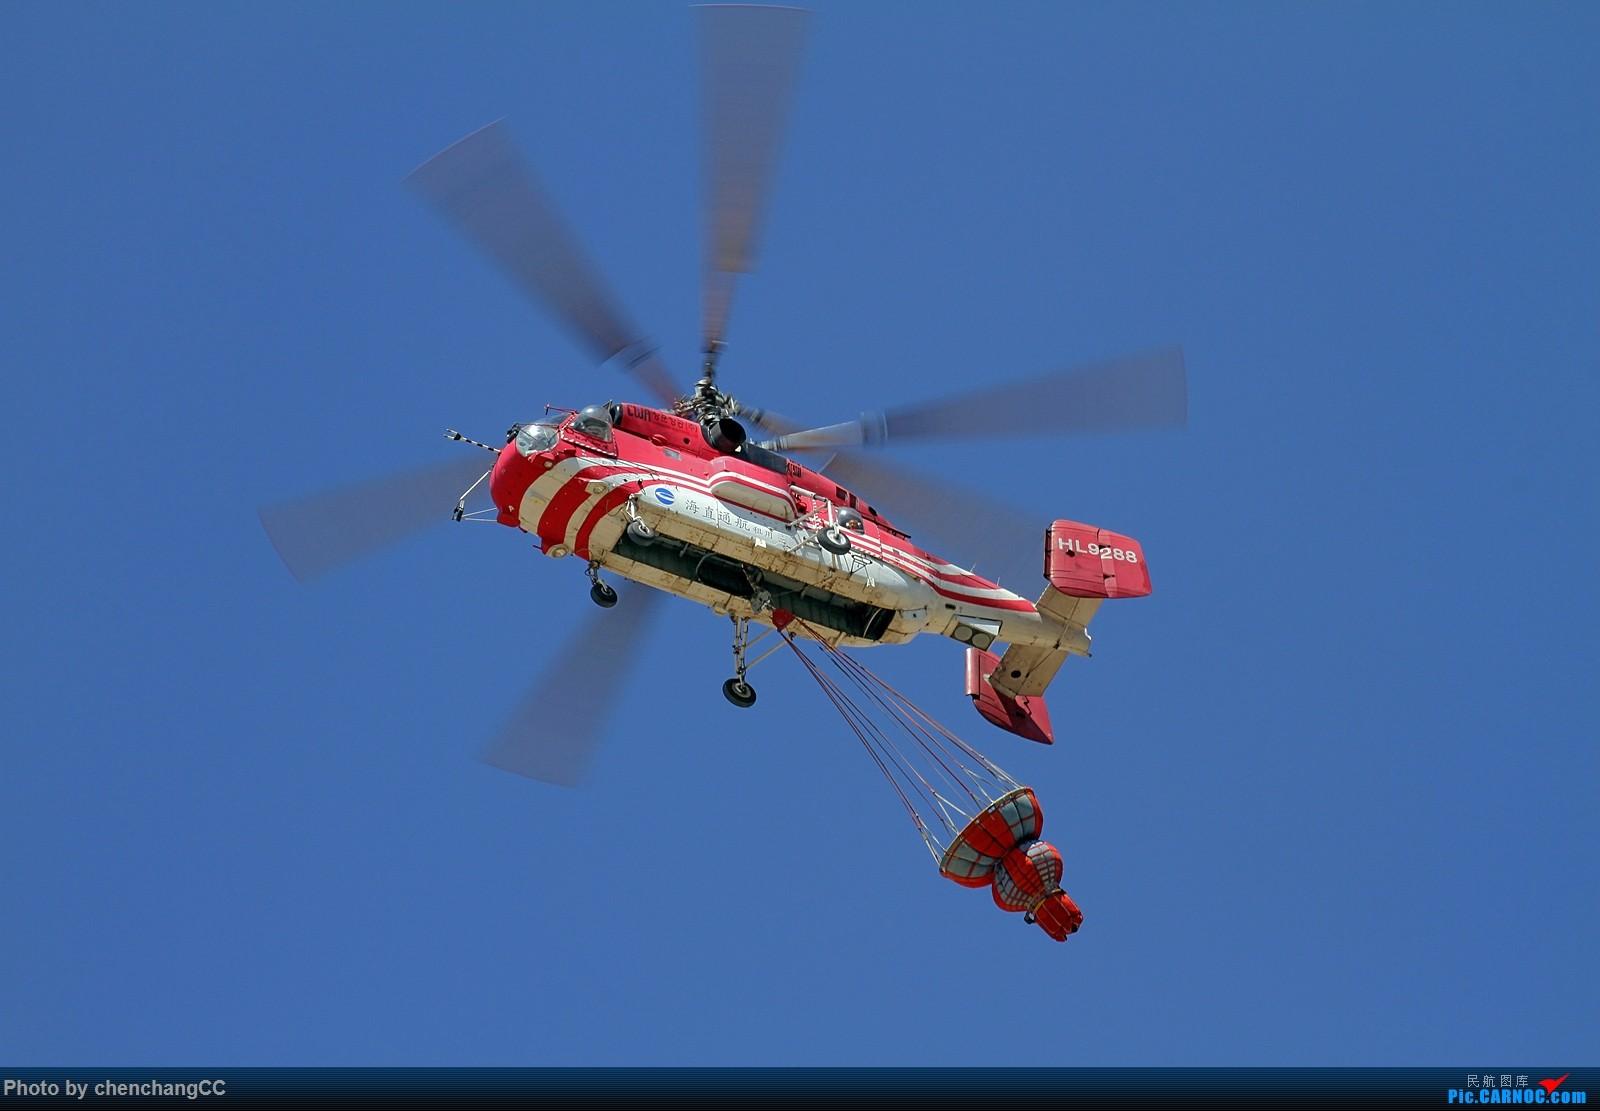 Re:【森林航空消防】----好久没发图了,发四架直升机出来看看